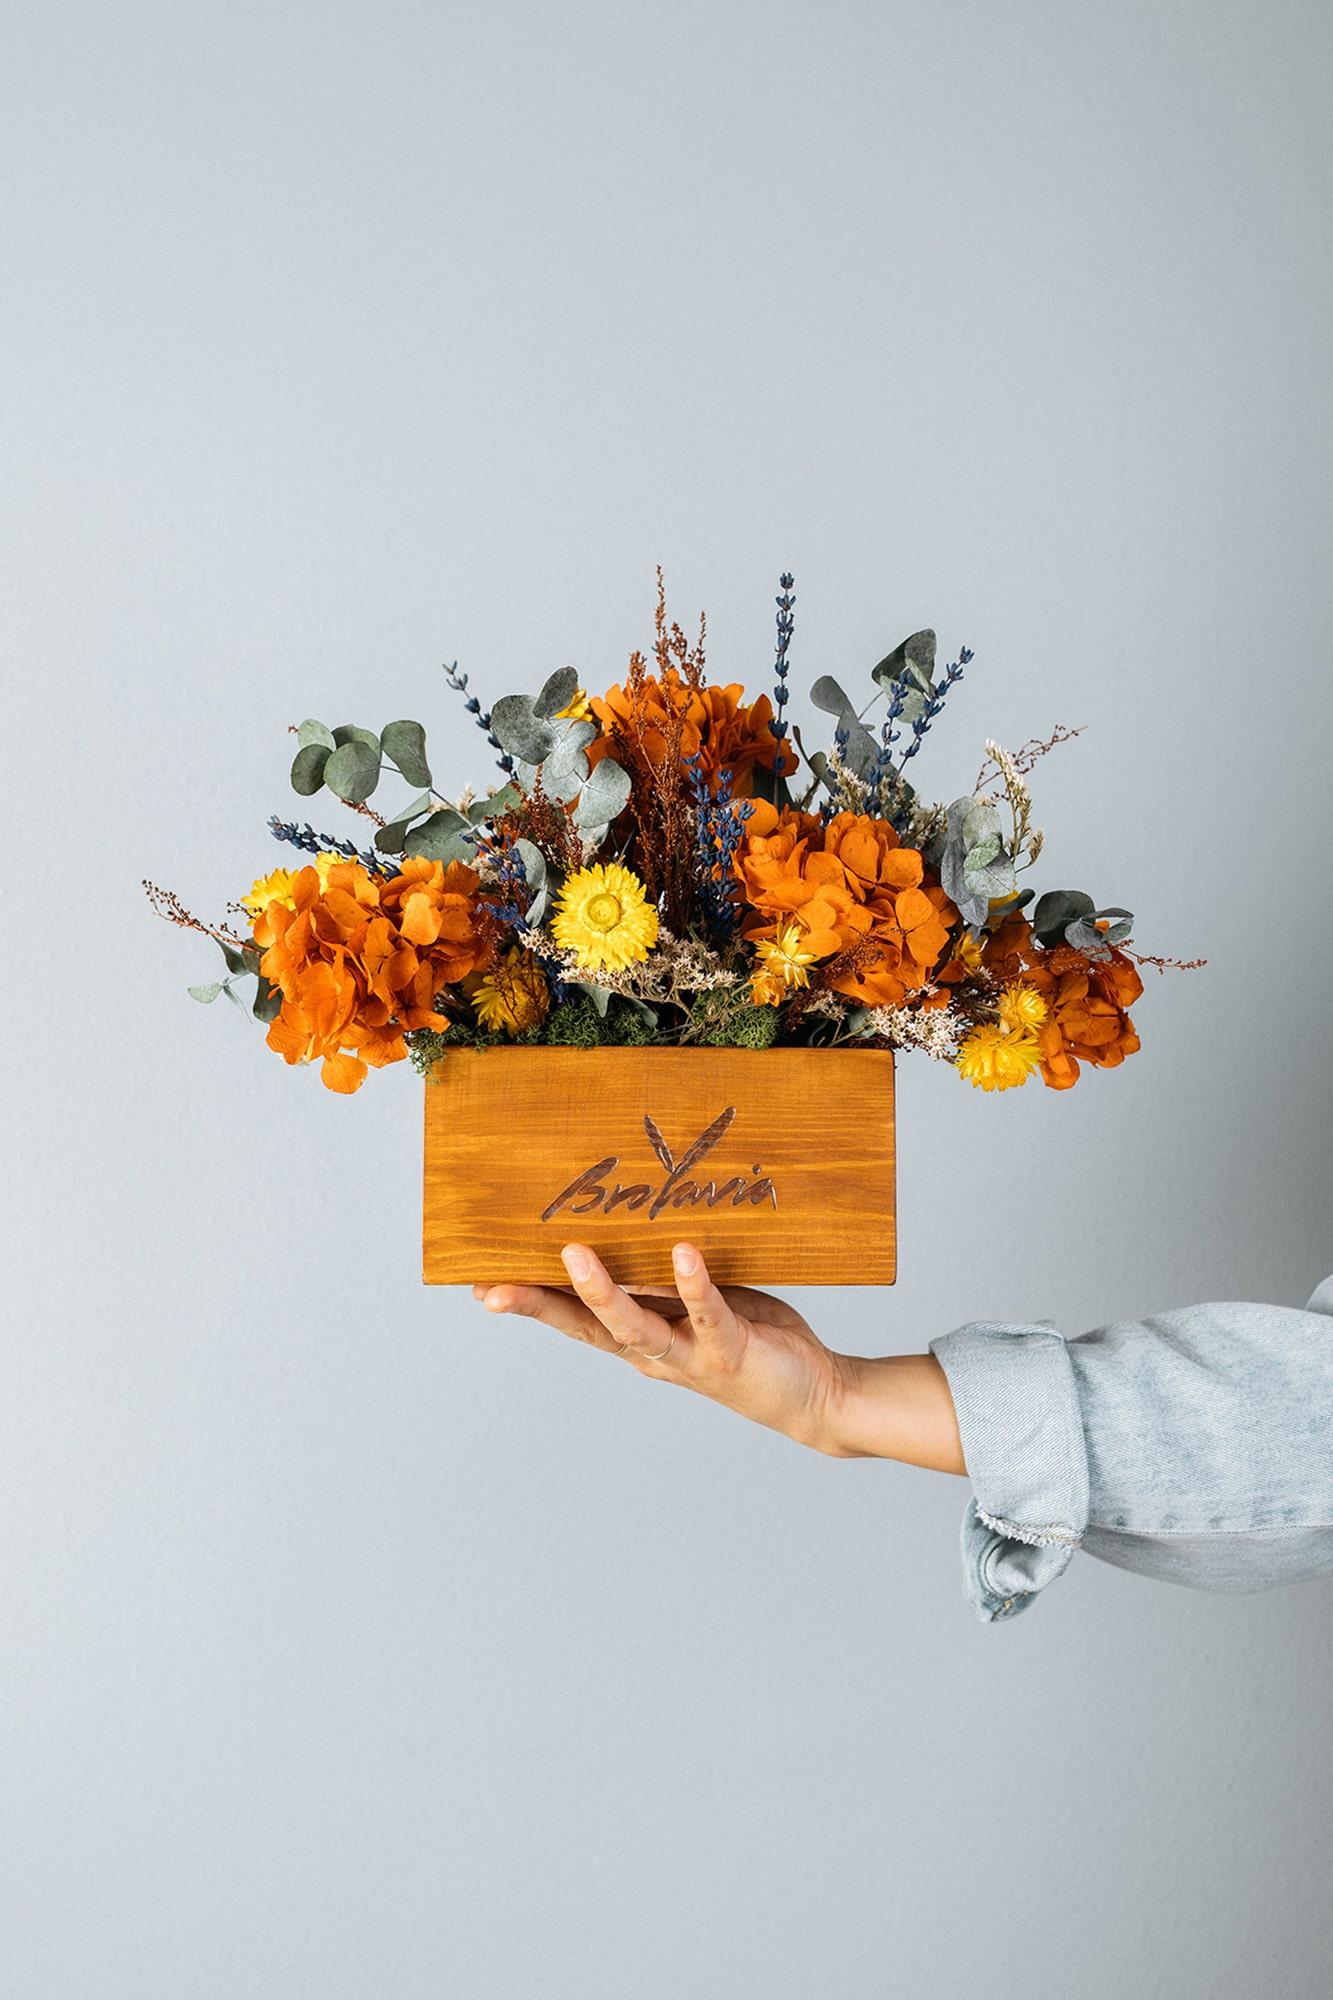 Flores preservadas de Brotavia